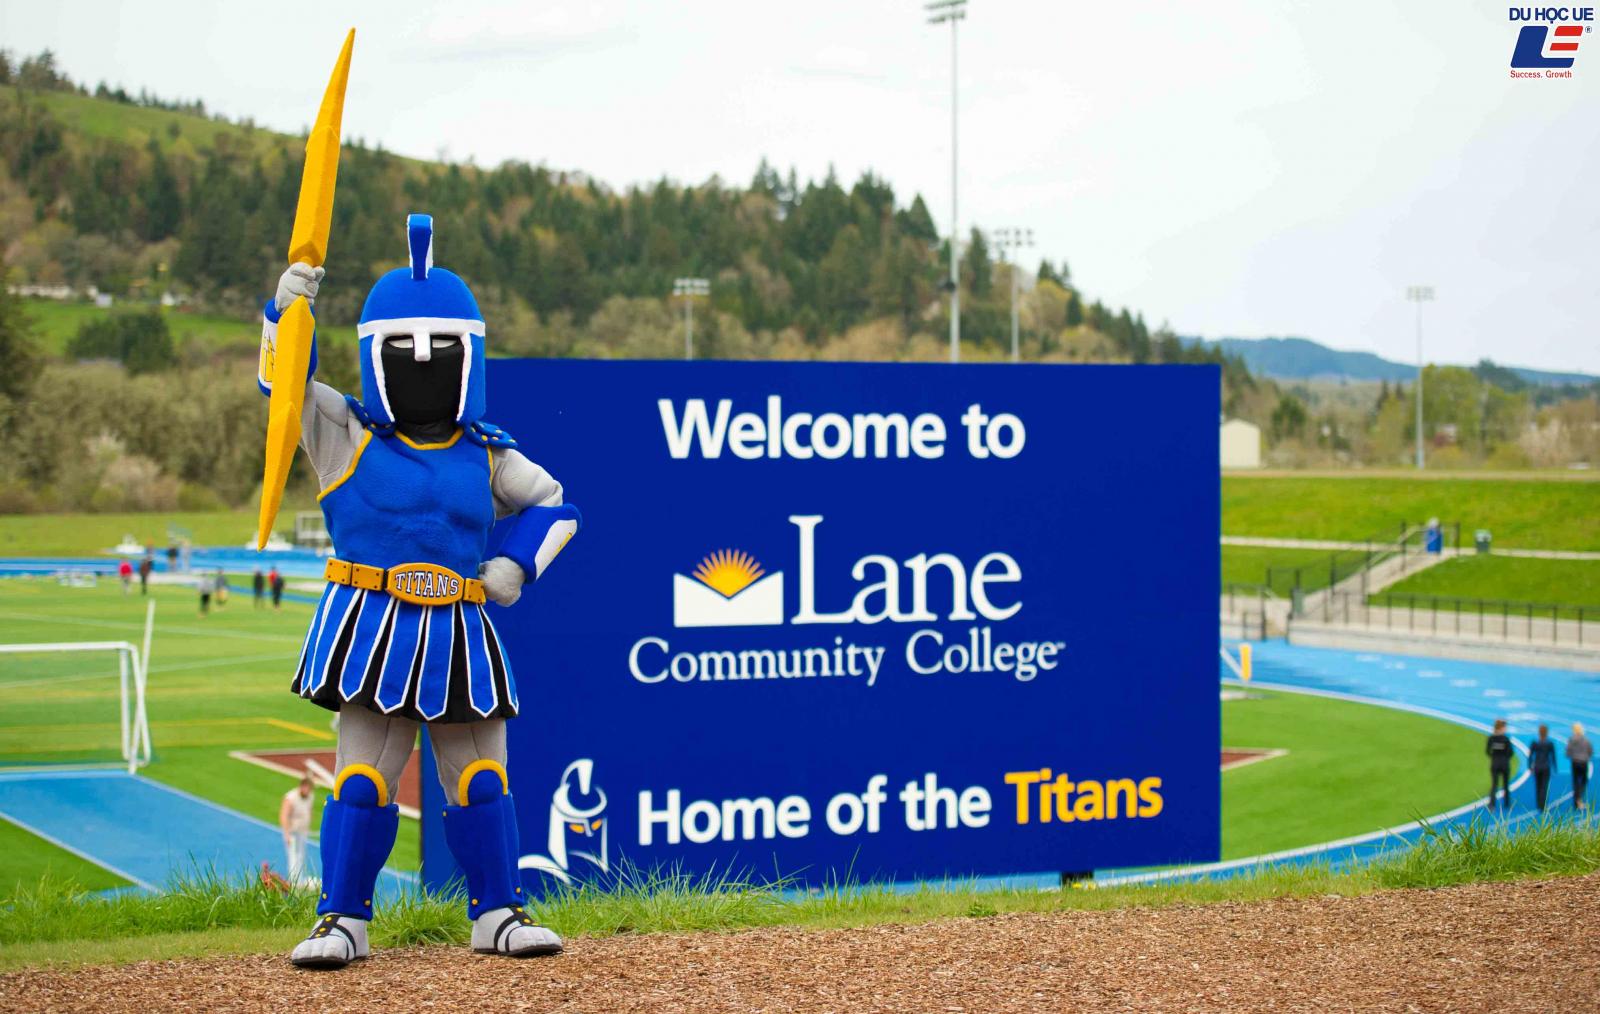 Săn học bổng du học Mỹ cùng Lane Community College - Cơ hội nhận ngay học bổng đầu giá trị khi đăng ký tuyển sinh 2